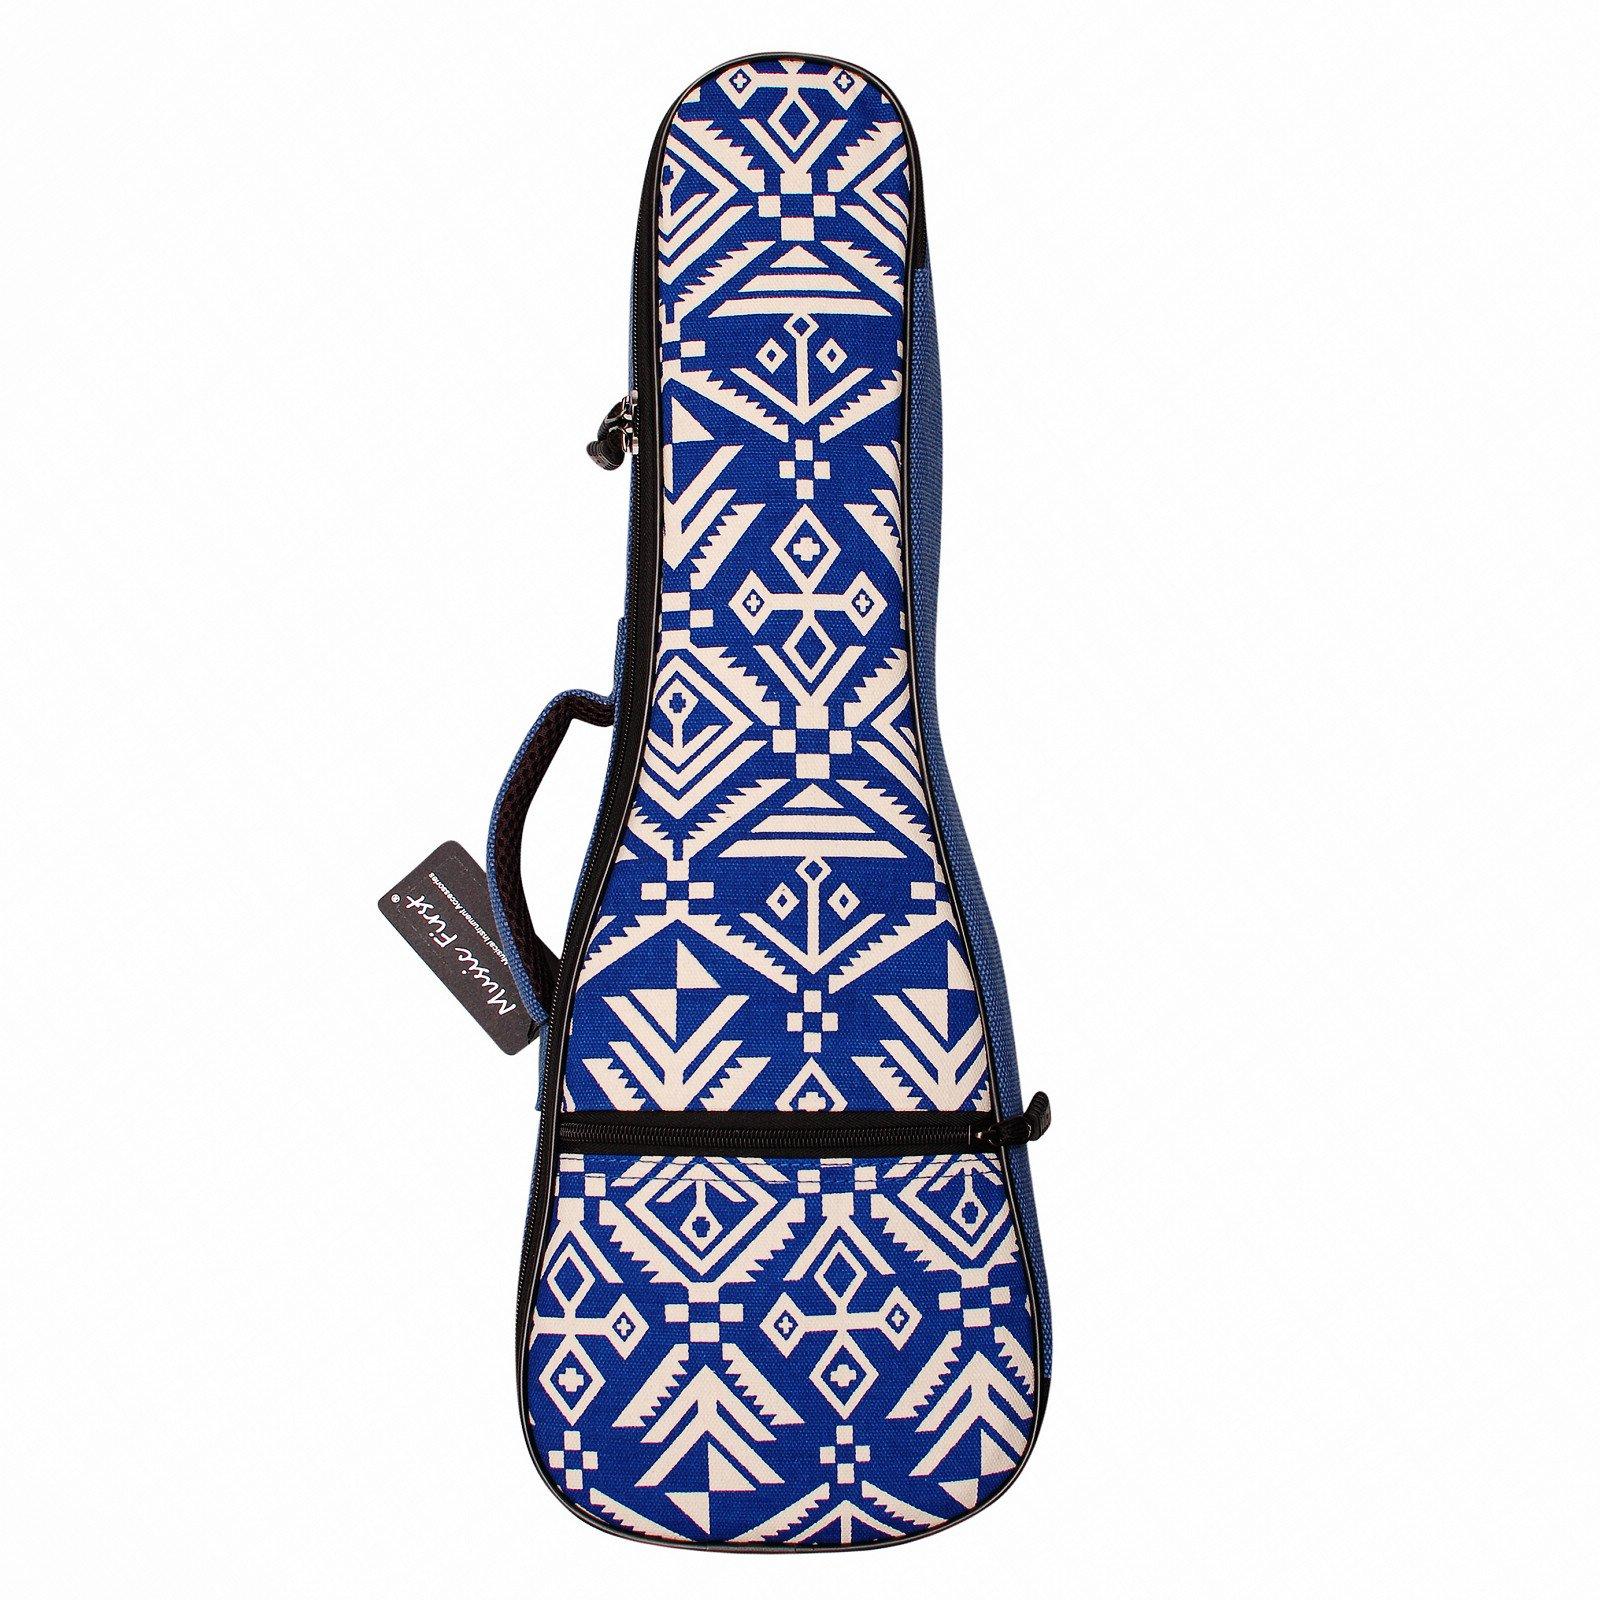 MUSIC FIRST cotton Vintage style 23/24 inch Concert''Blue Aztec'' Ukulele case ukulele bag ukulele cover